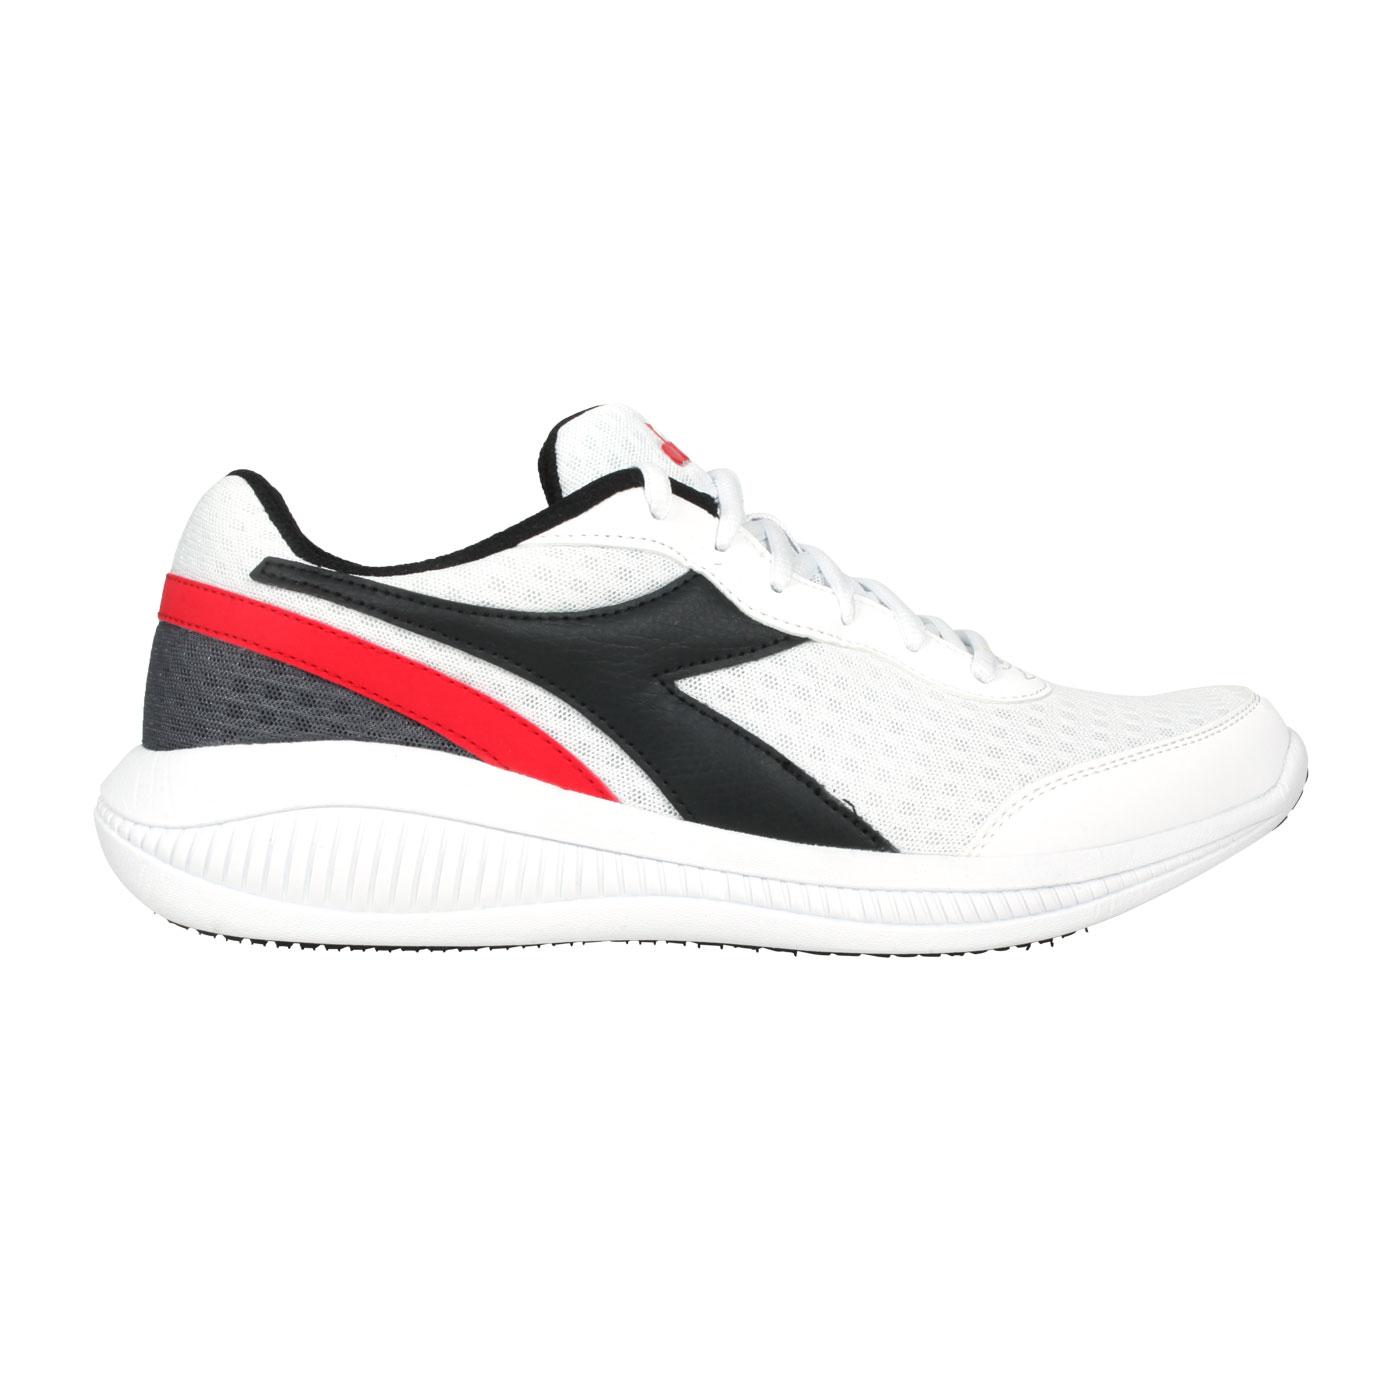 DIADORA 男款原廠進口慢跑鞋 DA176888-C8021